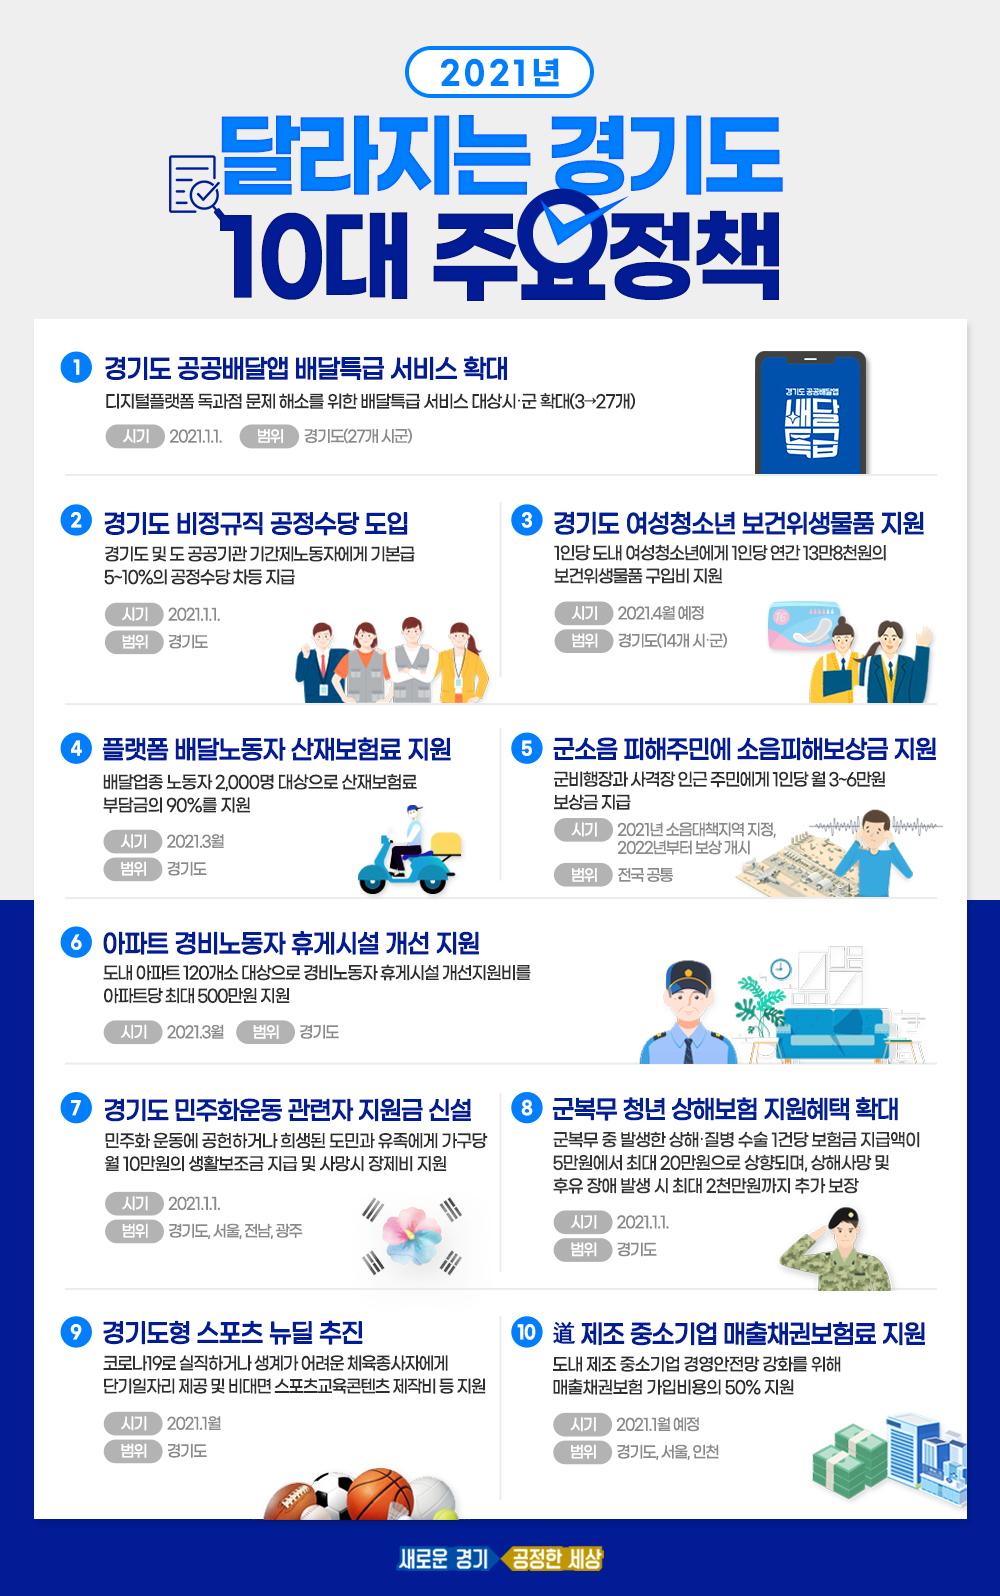 2021년 달라지는 경기도 10대 주요정책